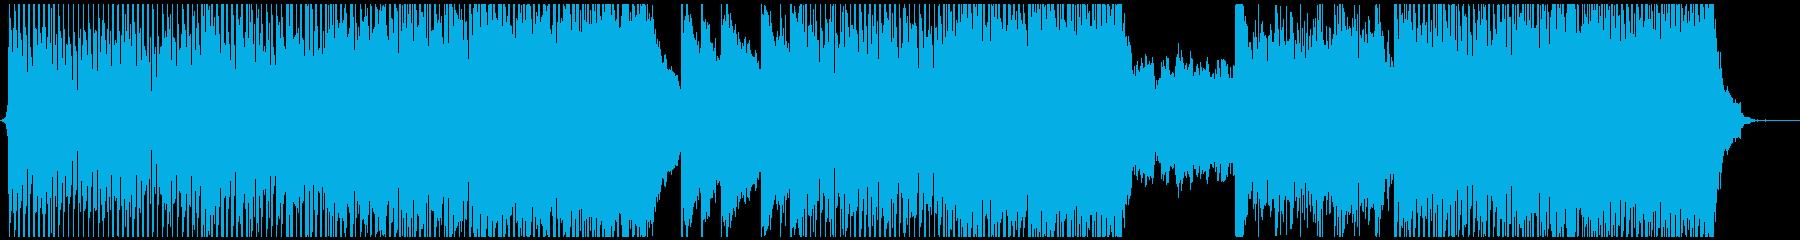 フューチャ ベース 励ましい 盛り...の再生済みの波形